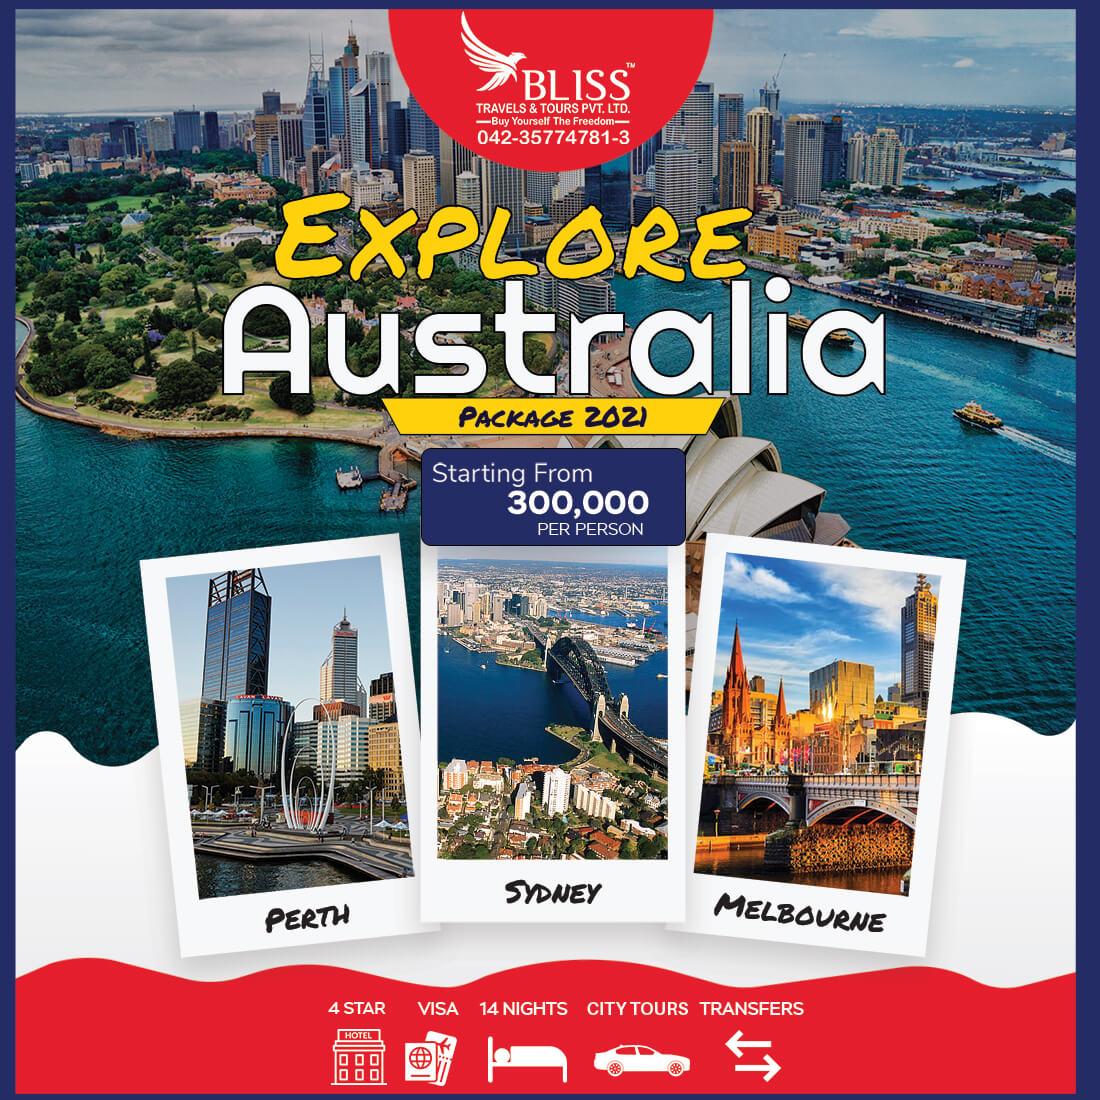 Explore-Australia-Package-2021